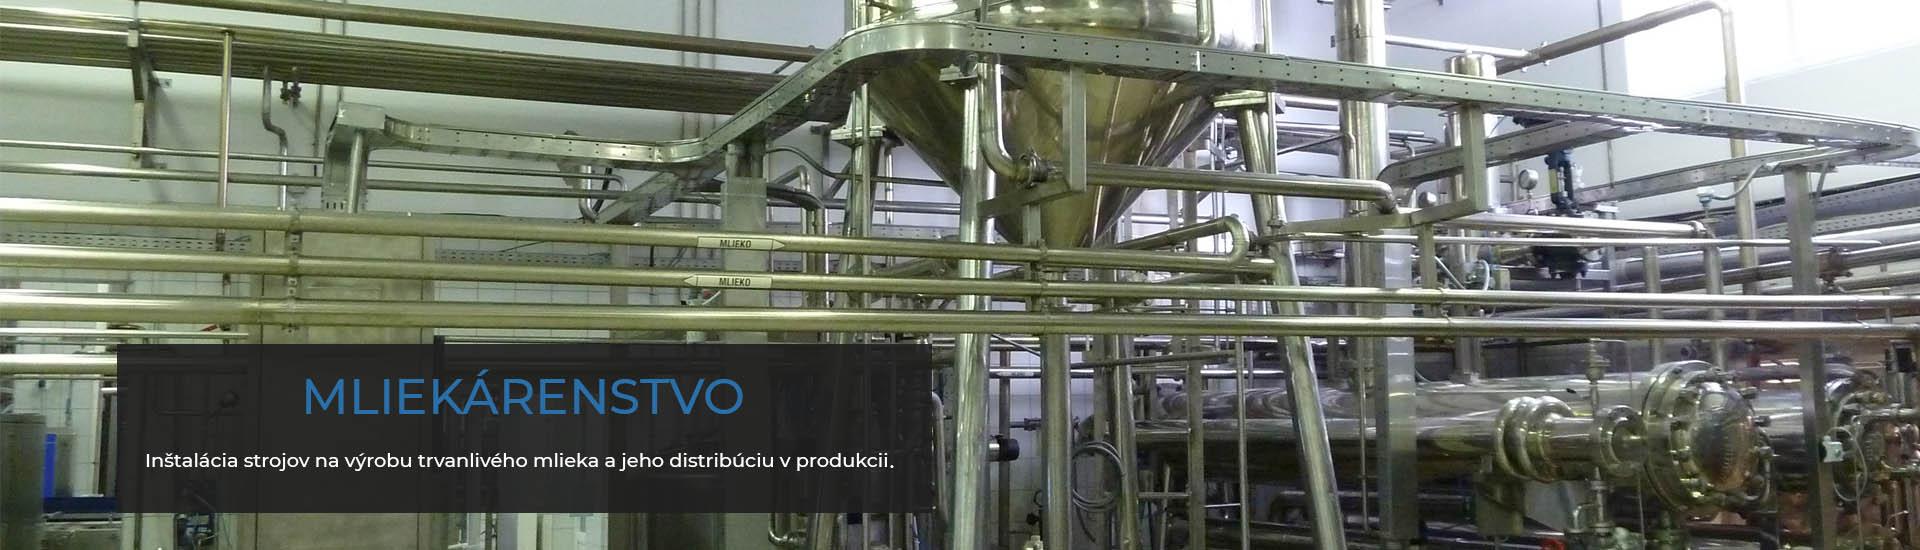 Mliekárenstvo   Proindustry.sk